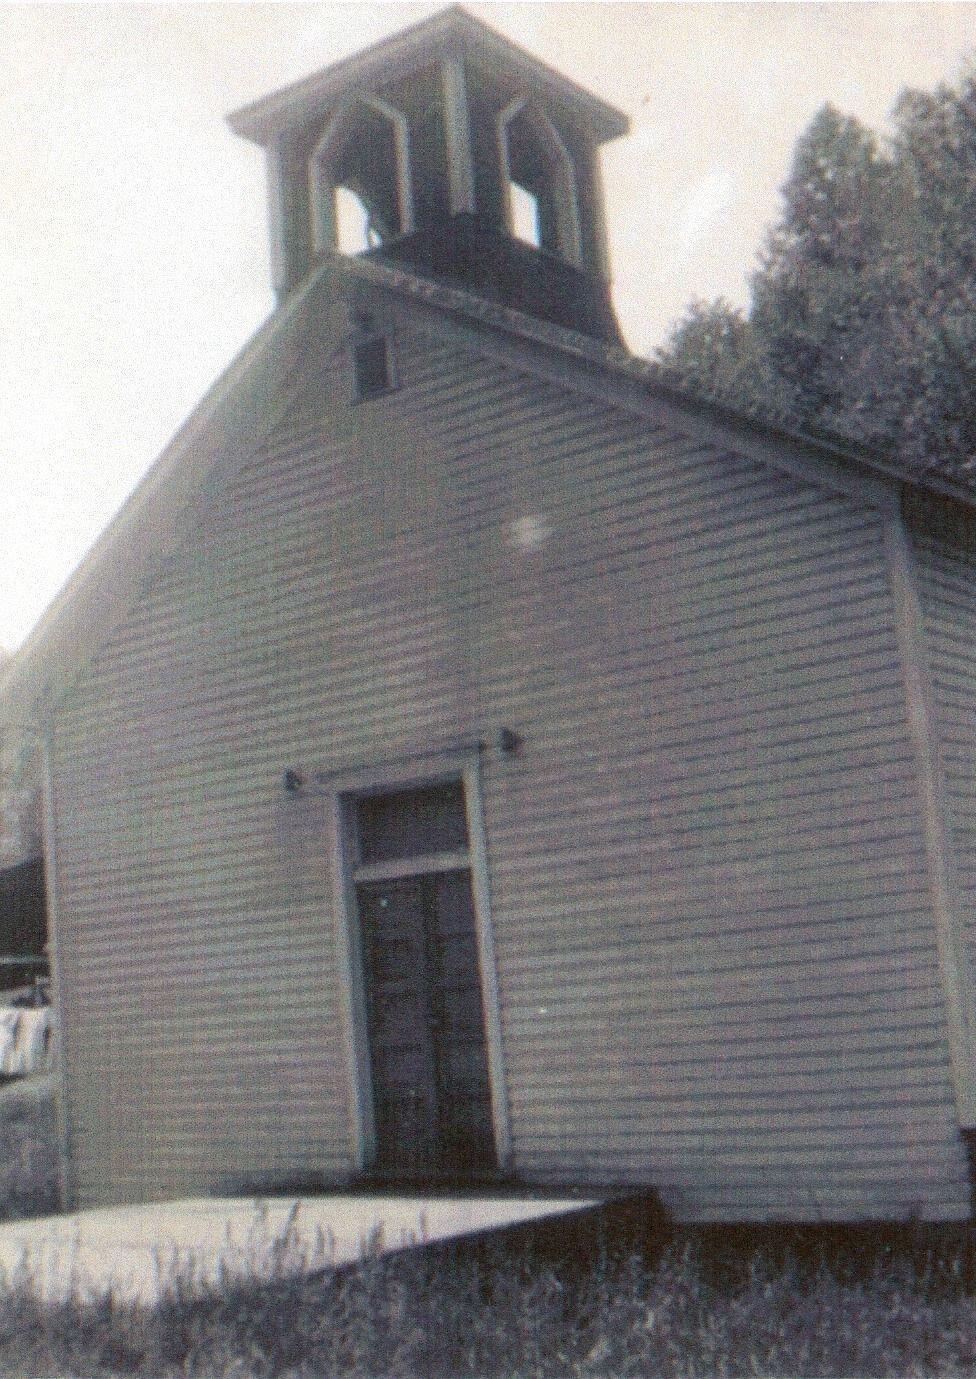 West End United Brethren church then